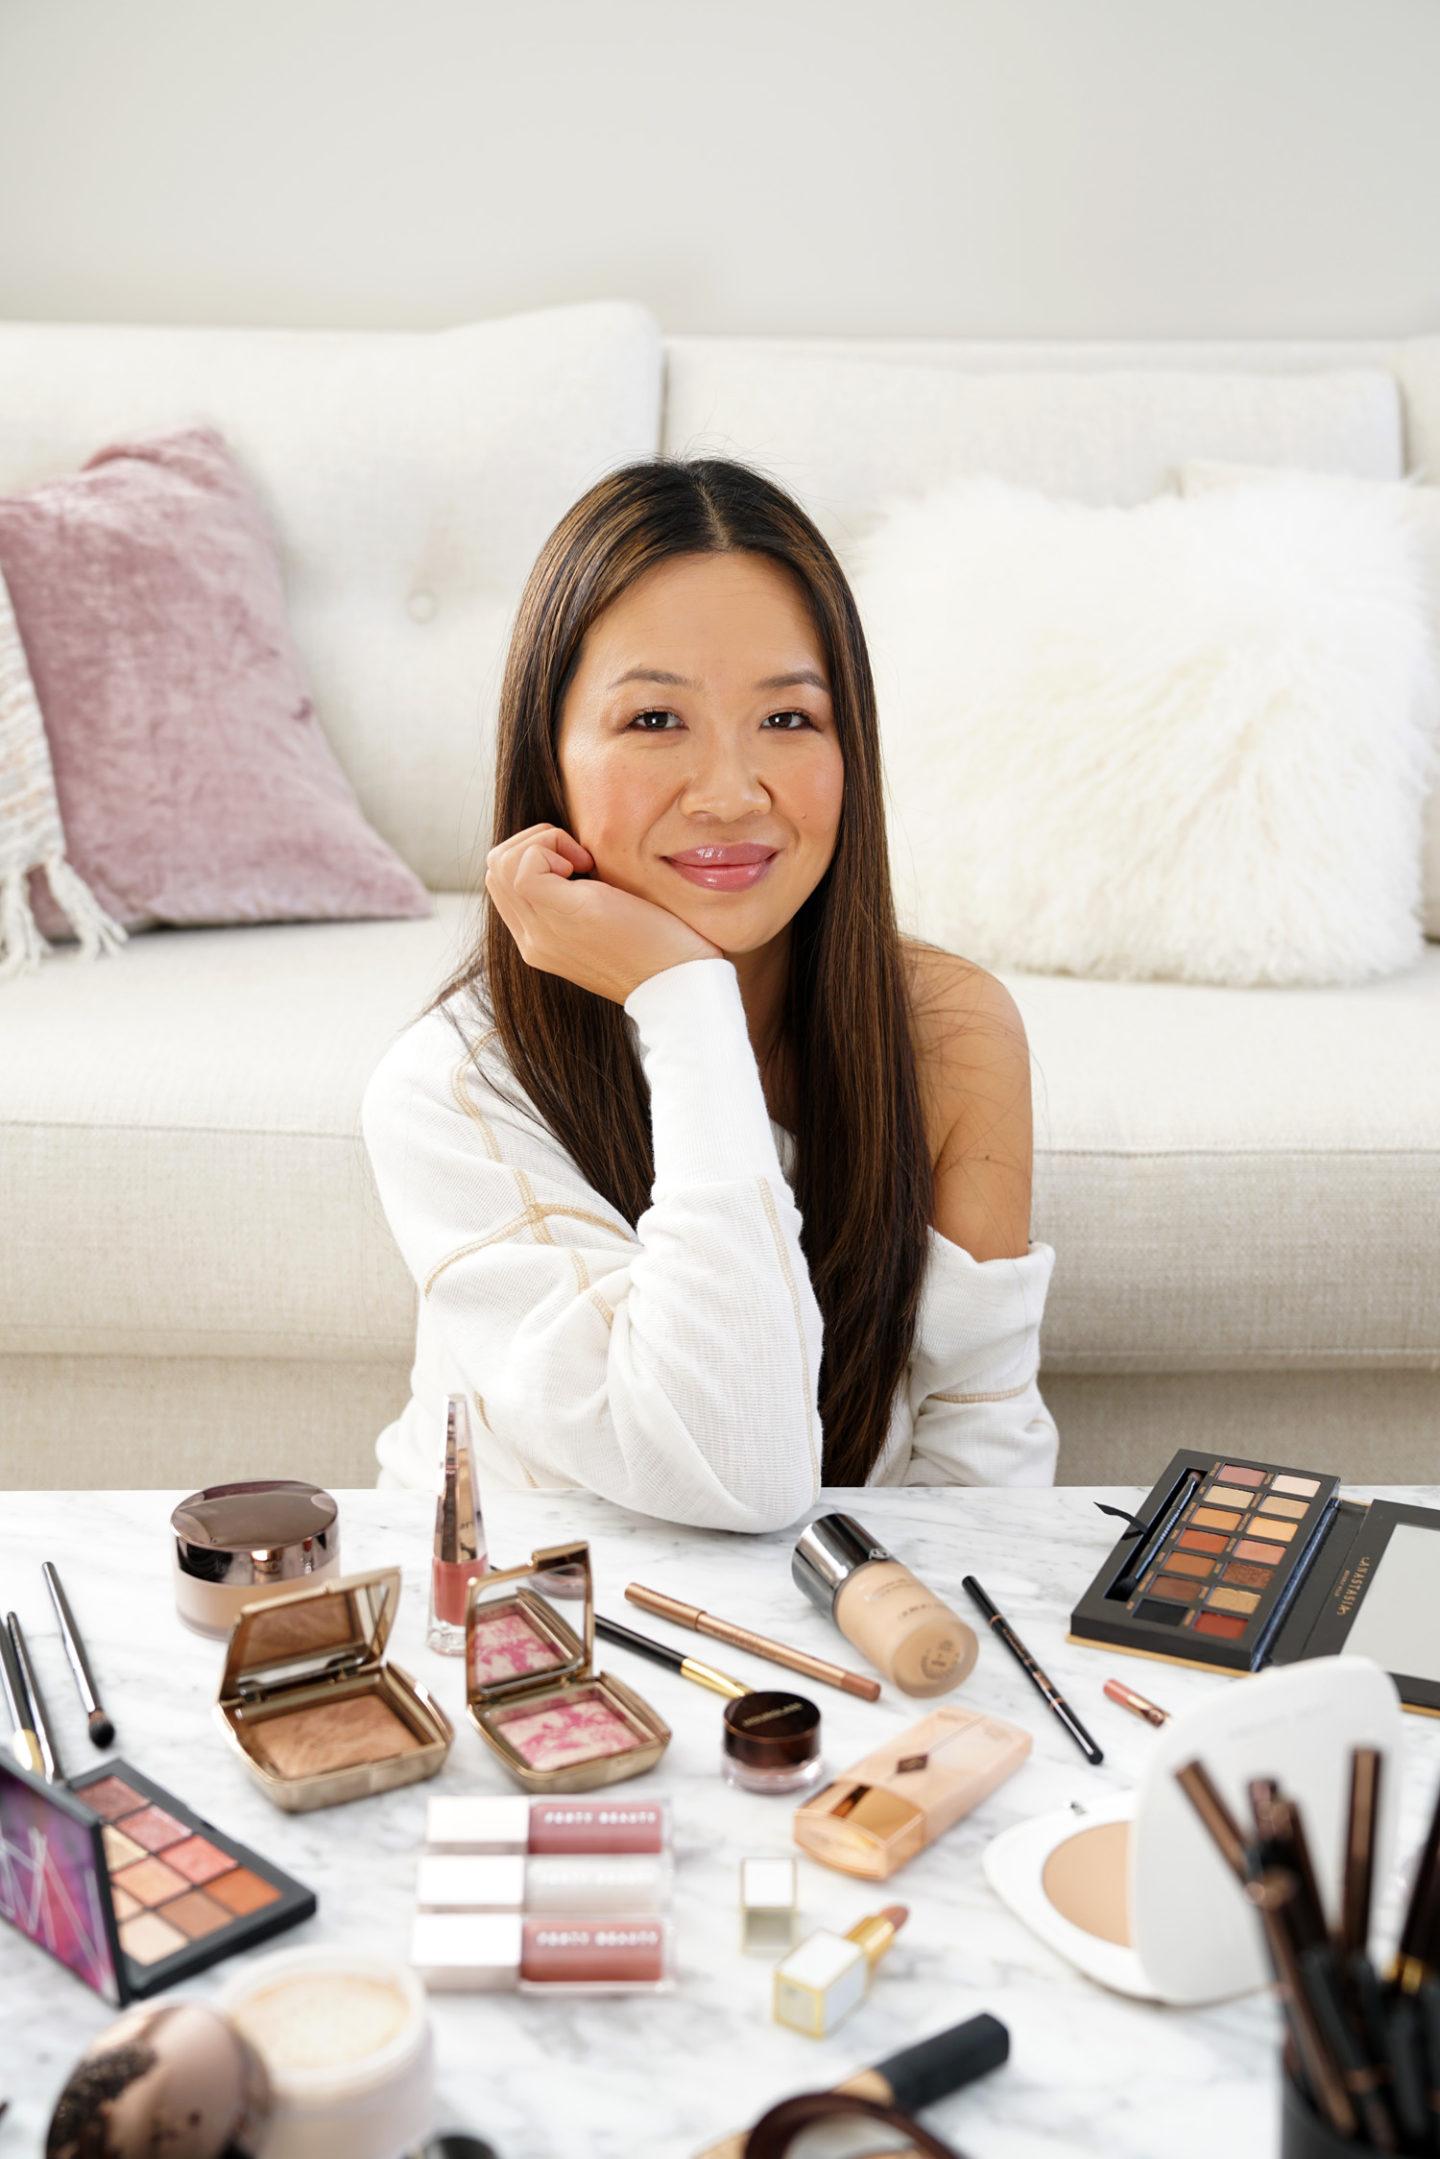 Un maquillage éclatant avec les brillants à lèvres Fenty Beauty Gloss Bomb Sephora |  Le Look Book Beauté